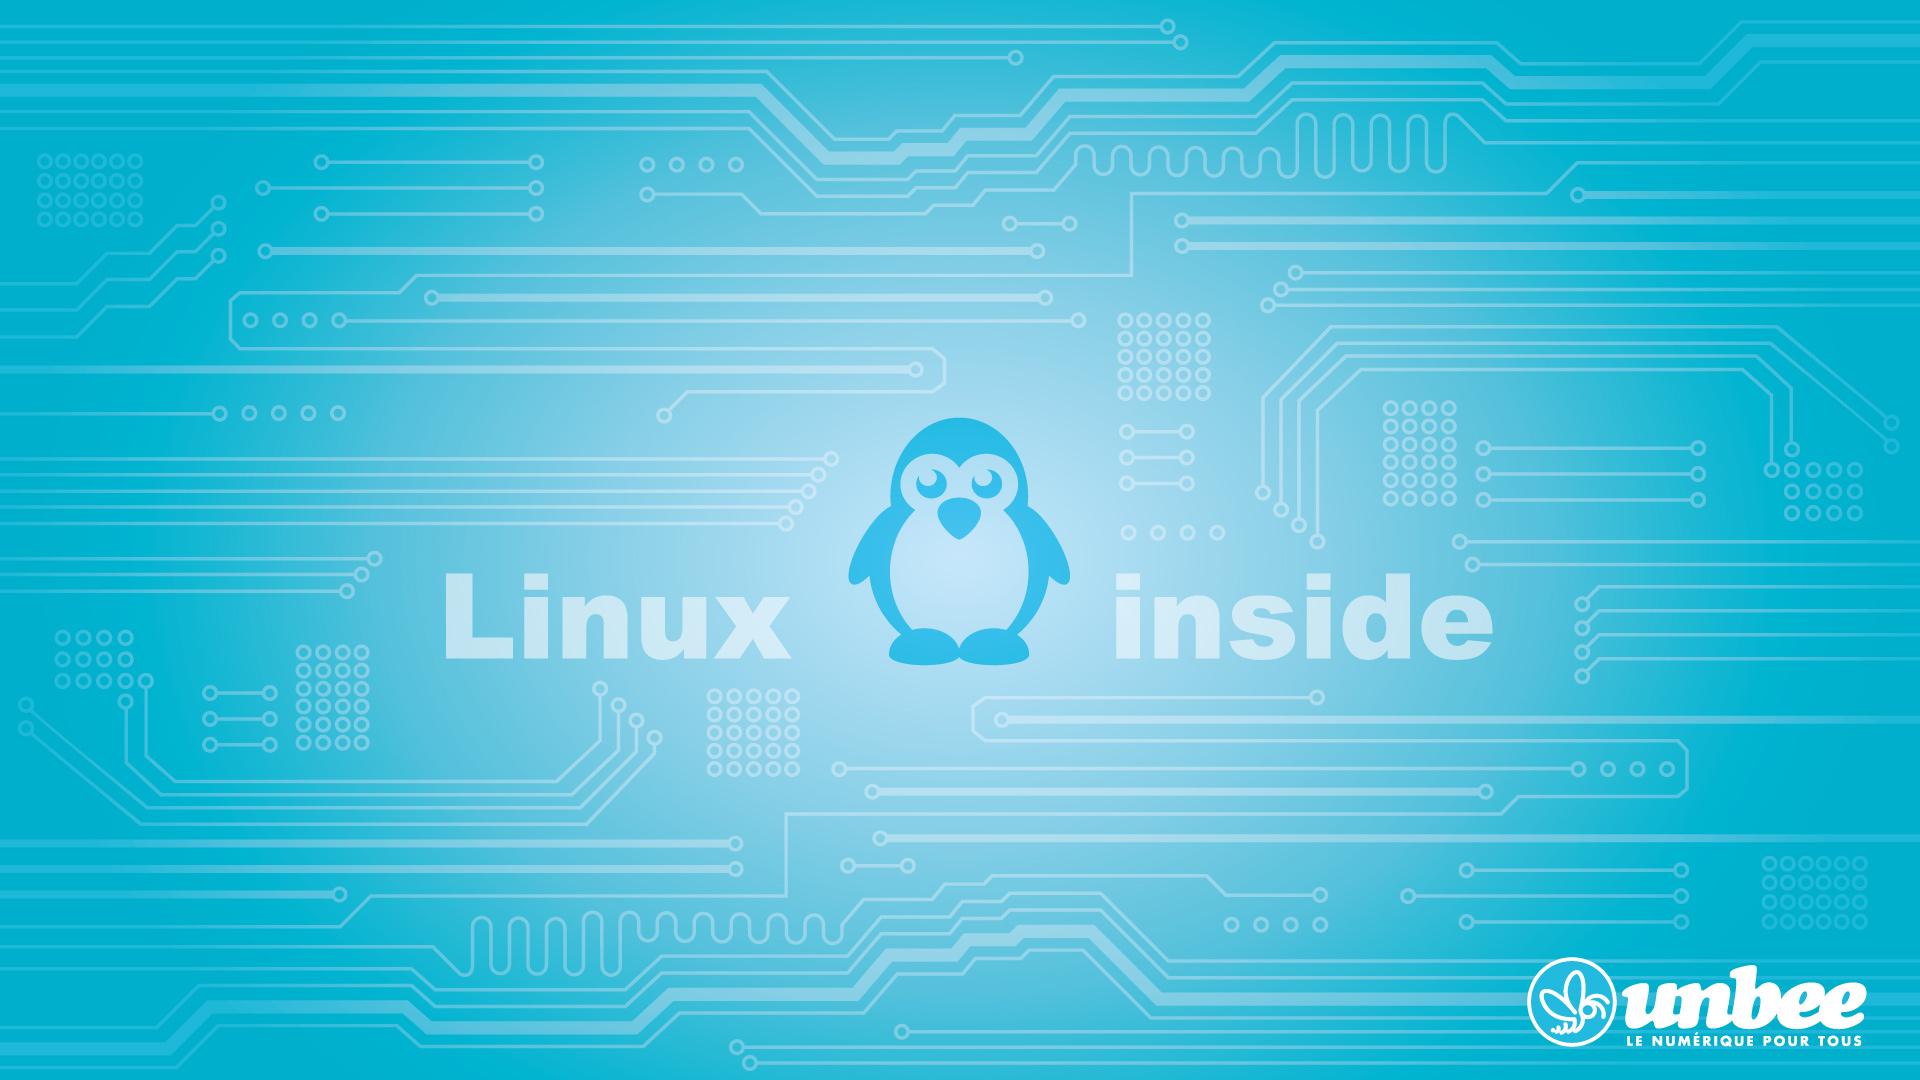 Fond écran 16:9 Linux bleu.jpg